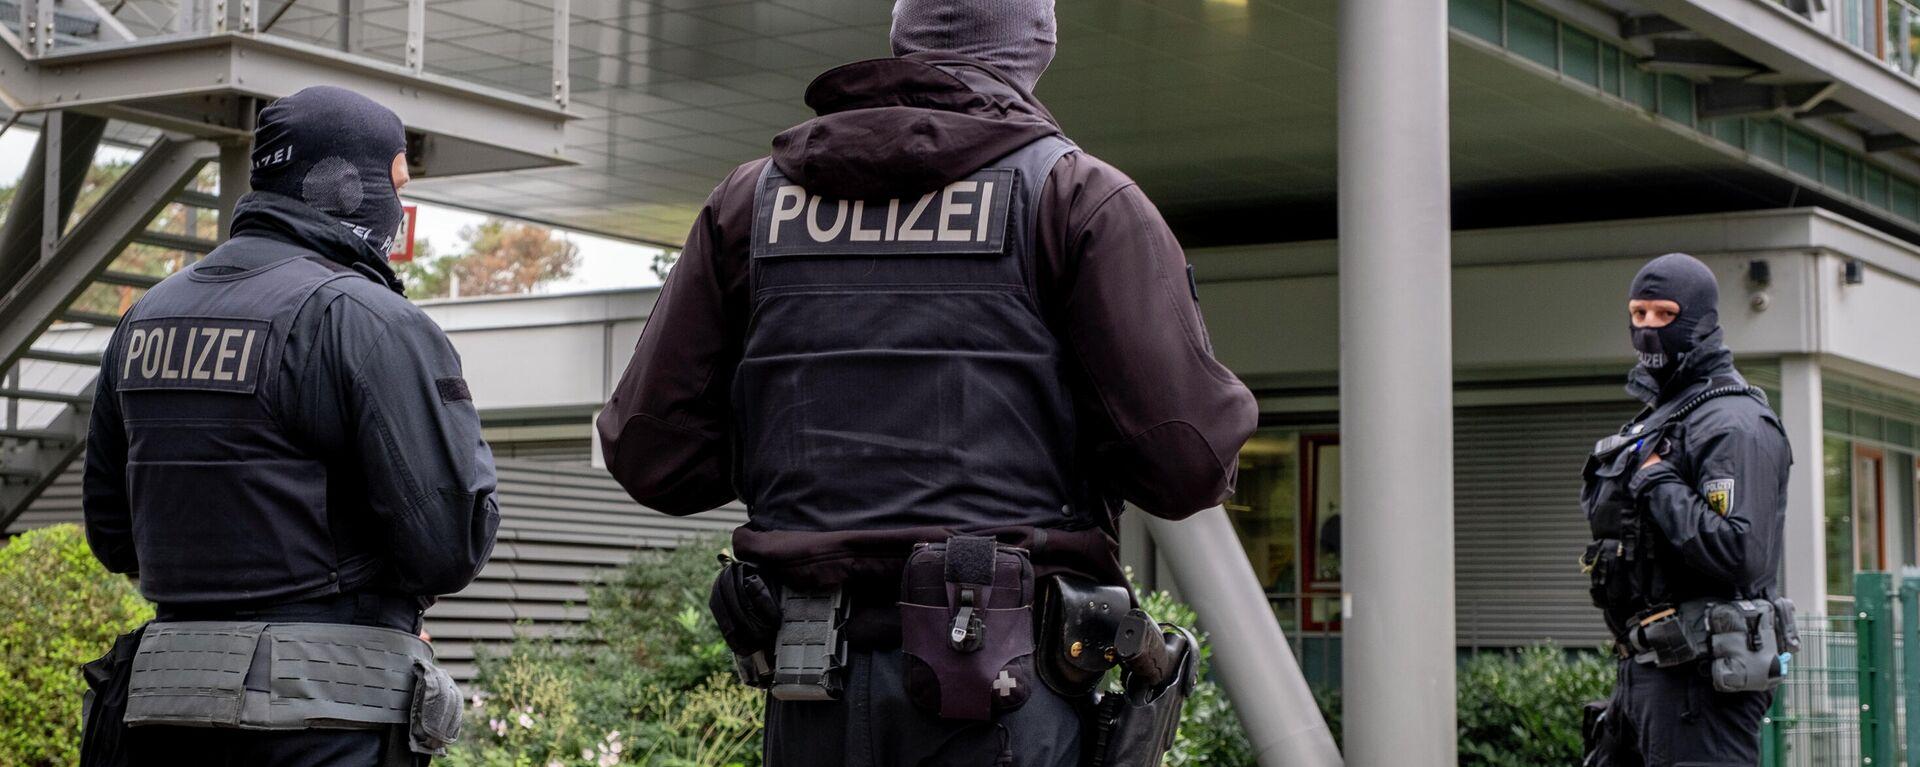 Polizei in Deutschland (Symbolbild) - SNA, 1920, 21.12.2020